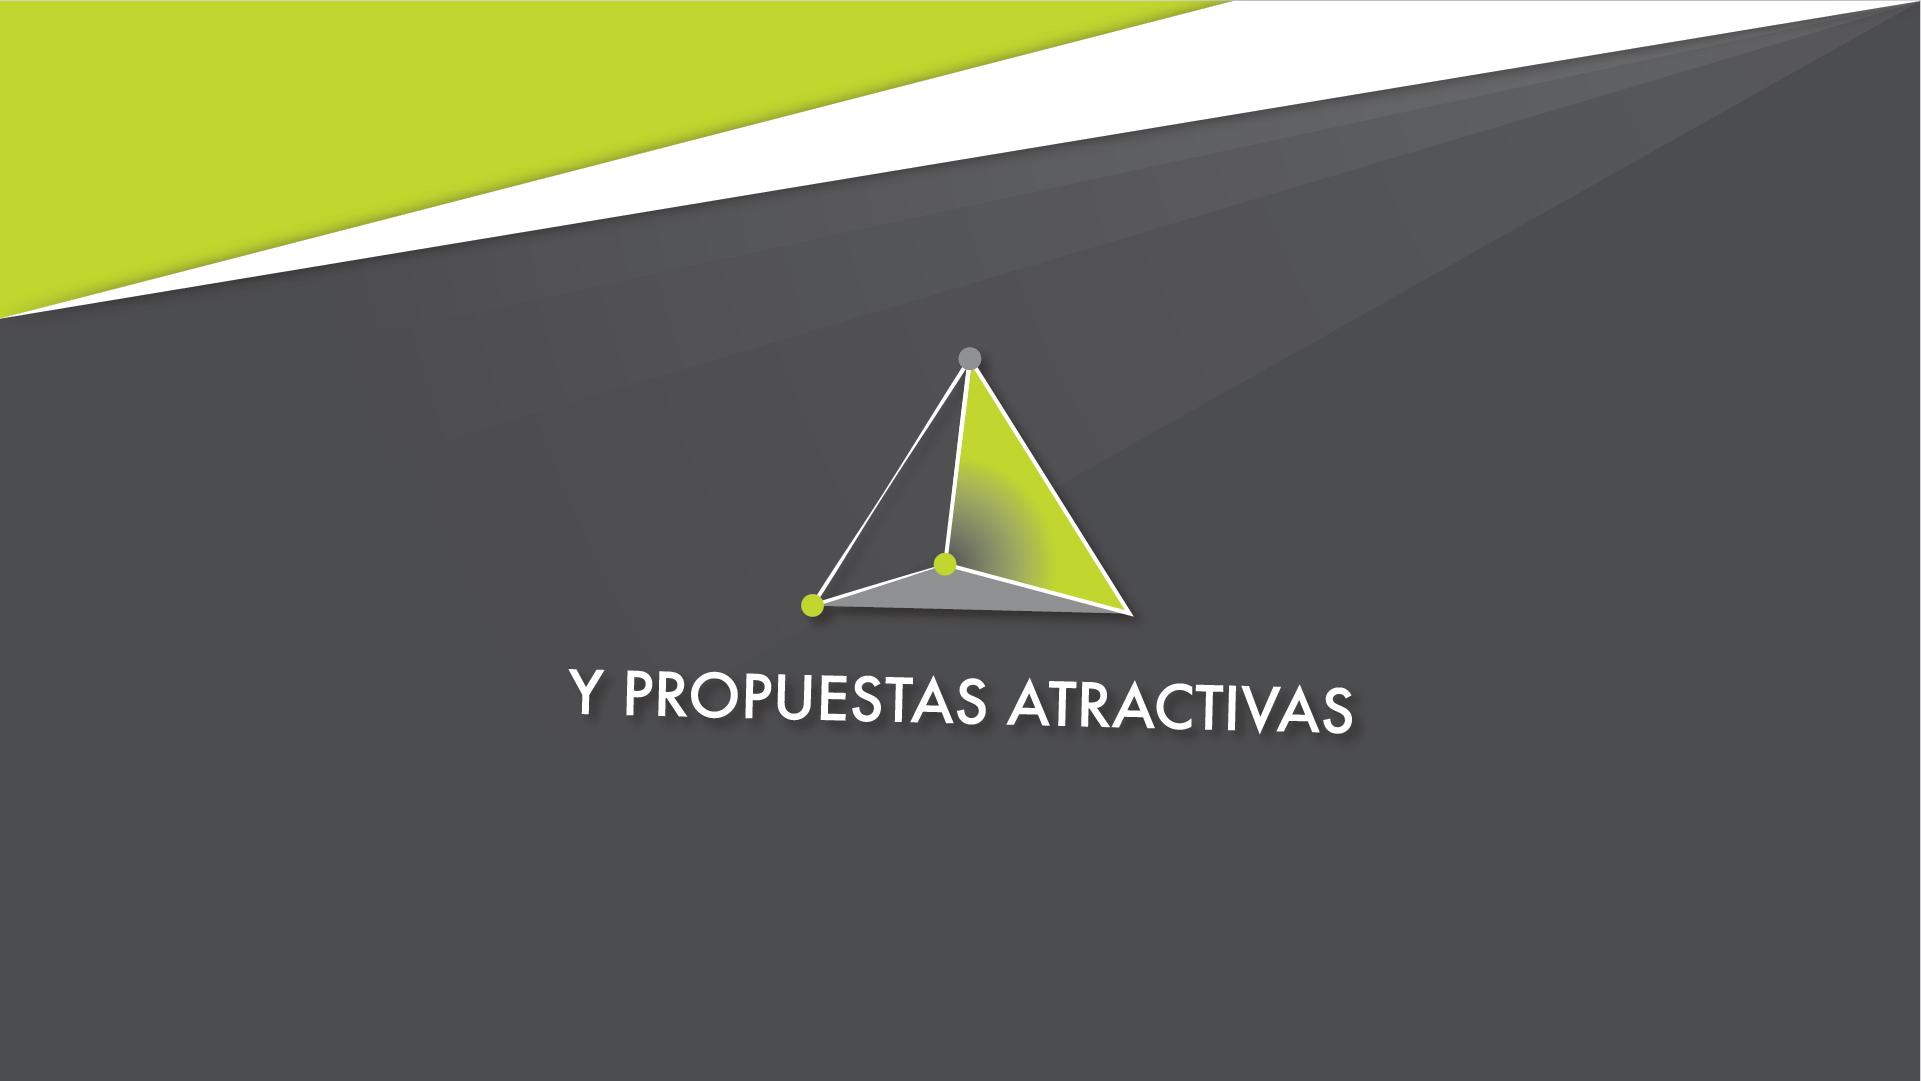 fondo_ypropuestas_3qp_6